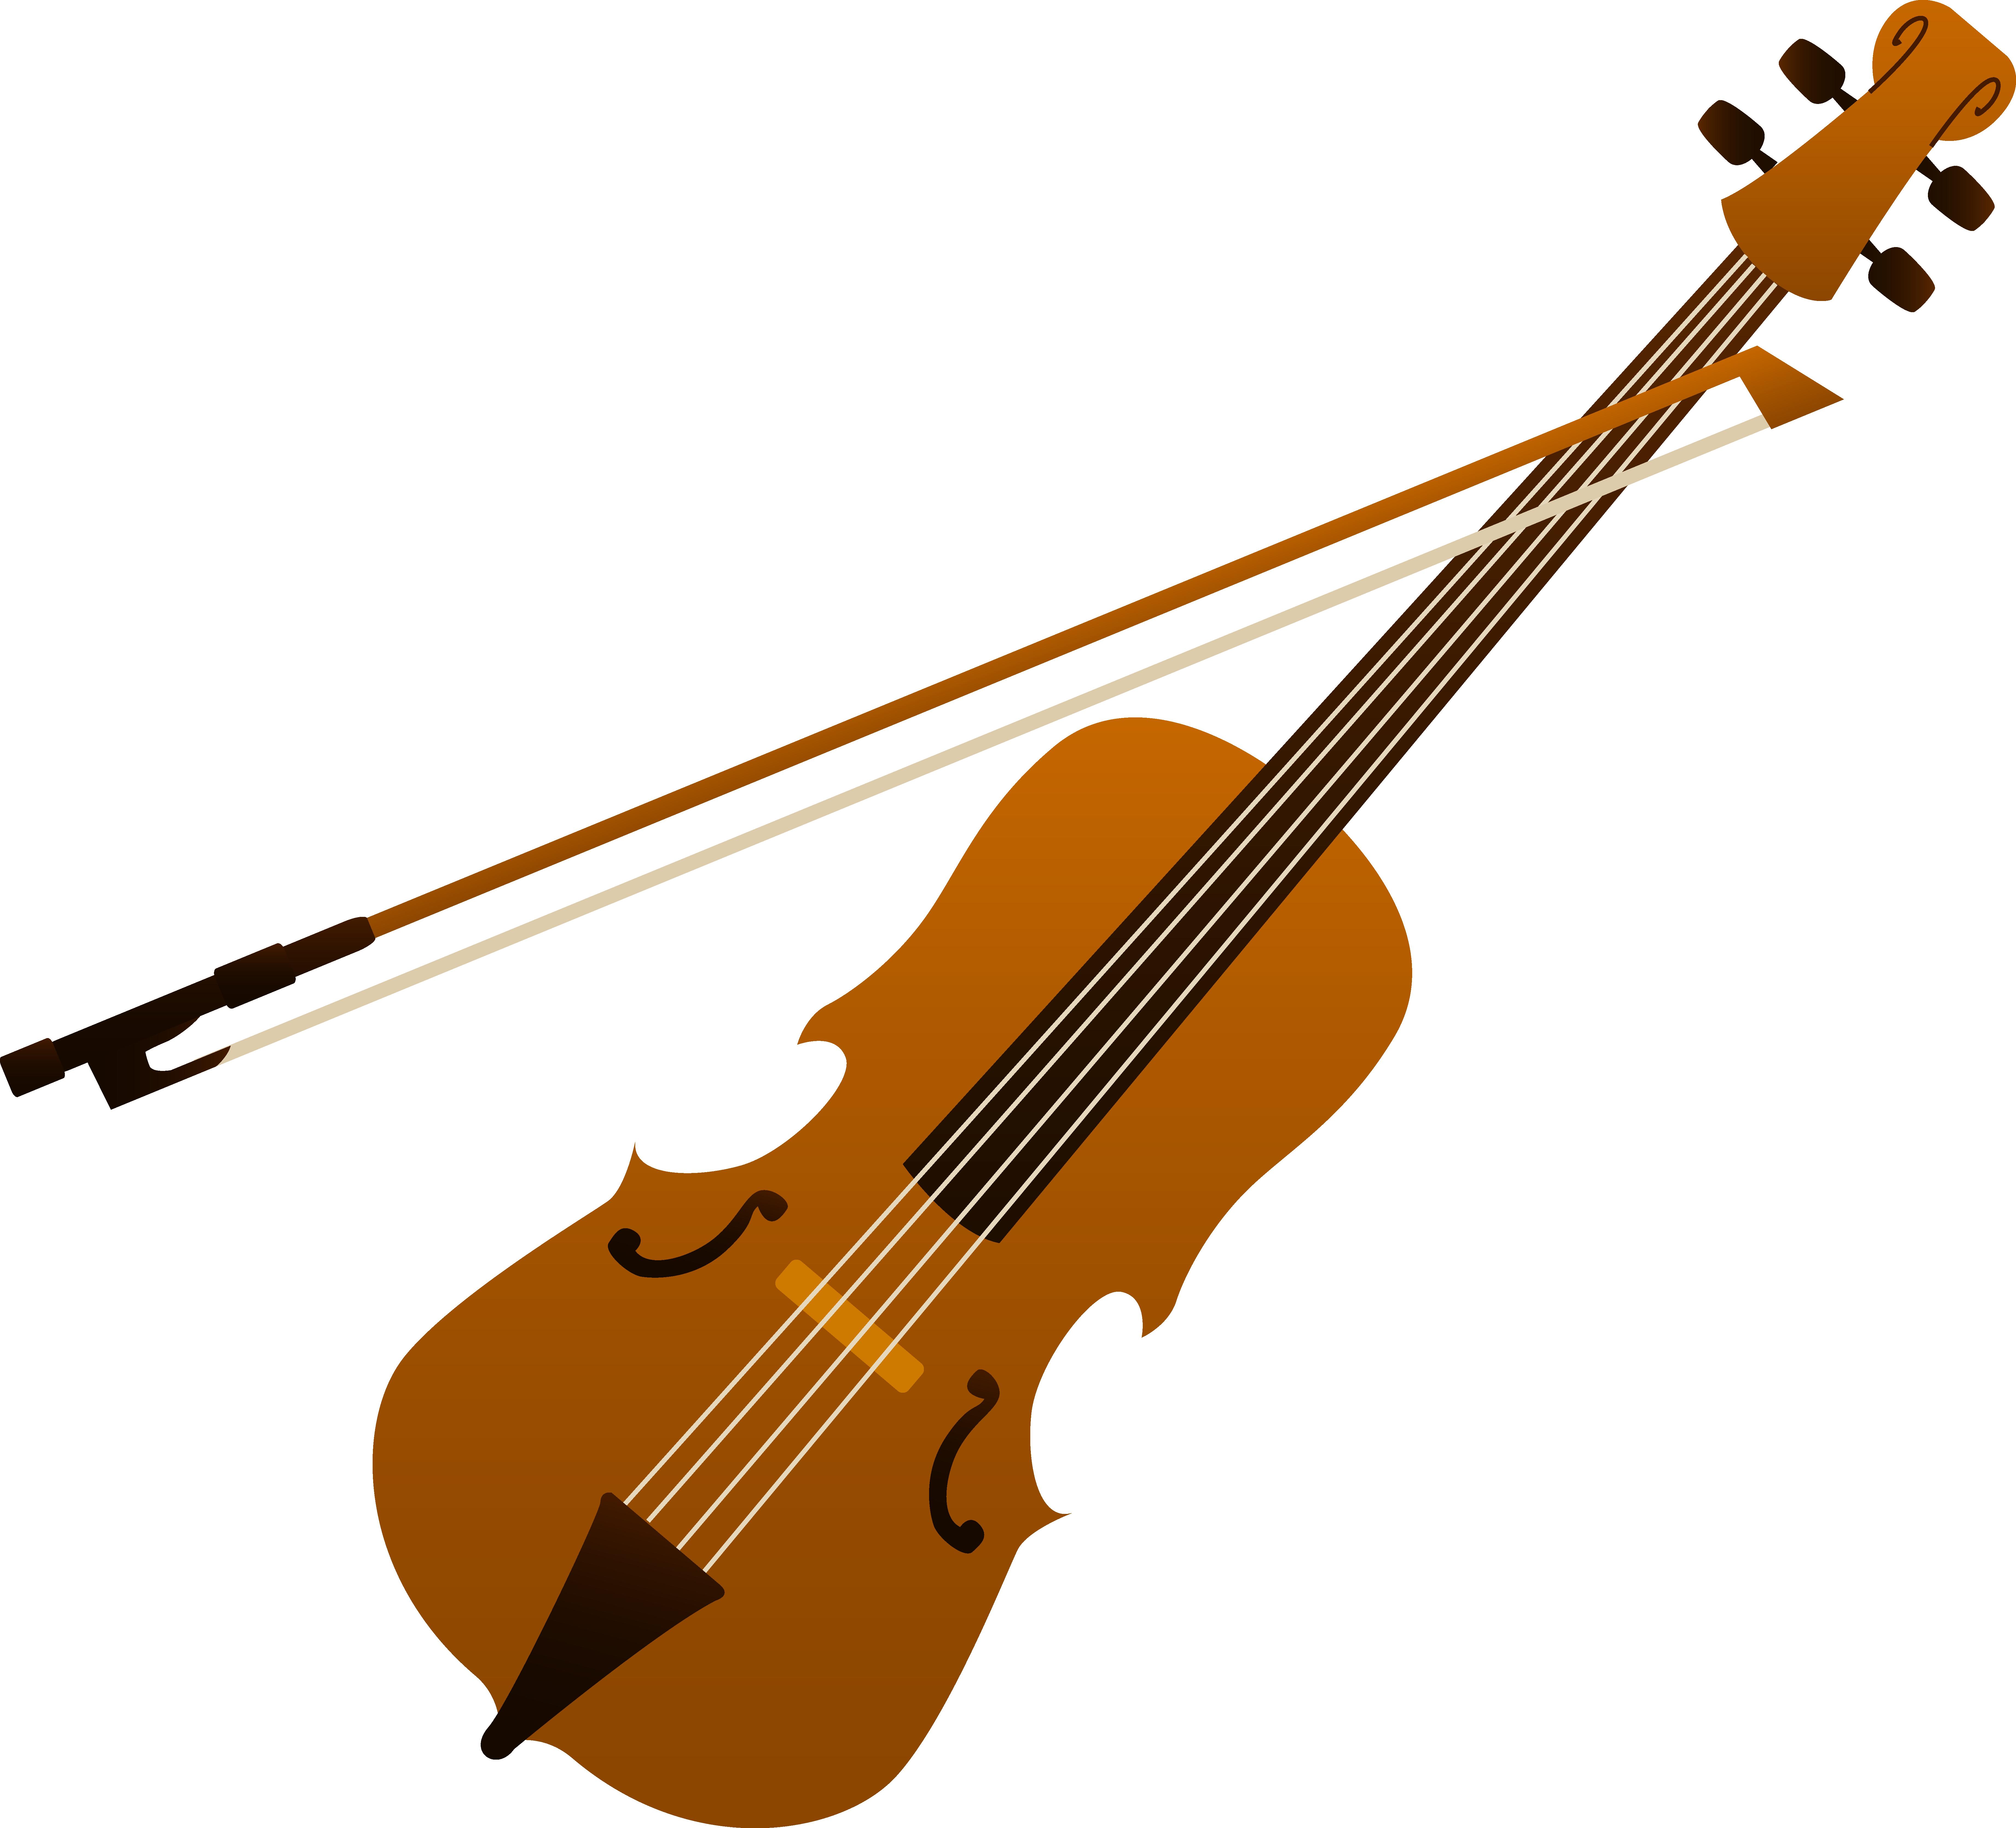 7369x6681 Elegant Violin Design